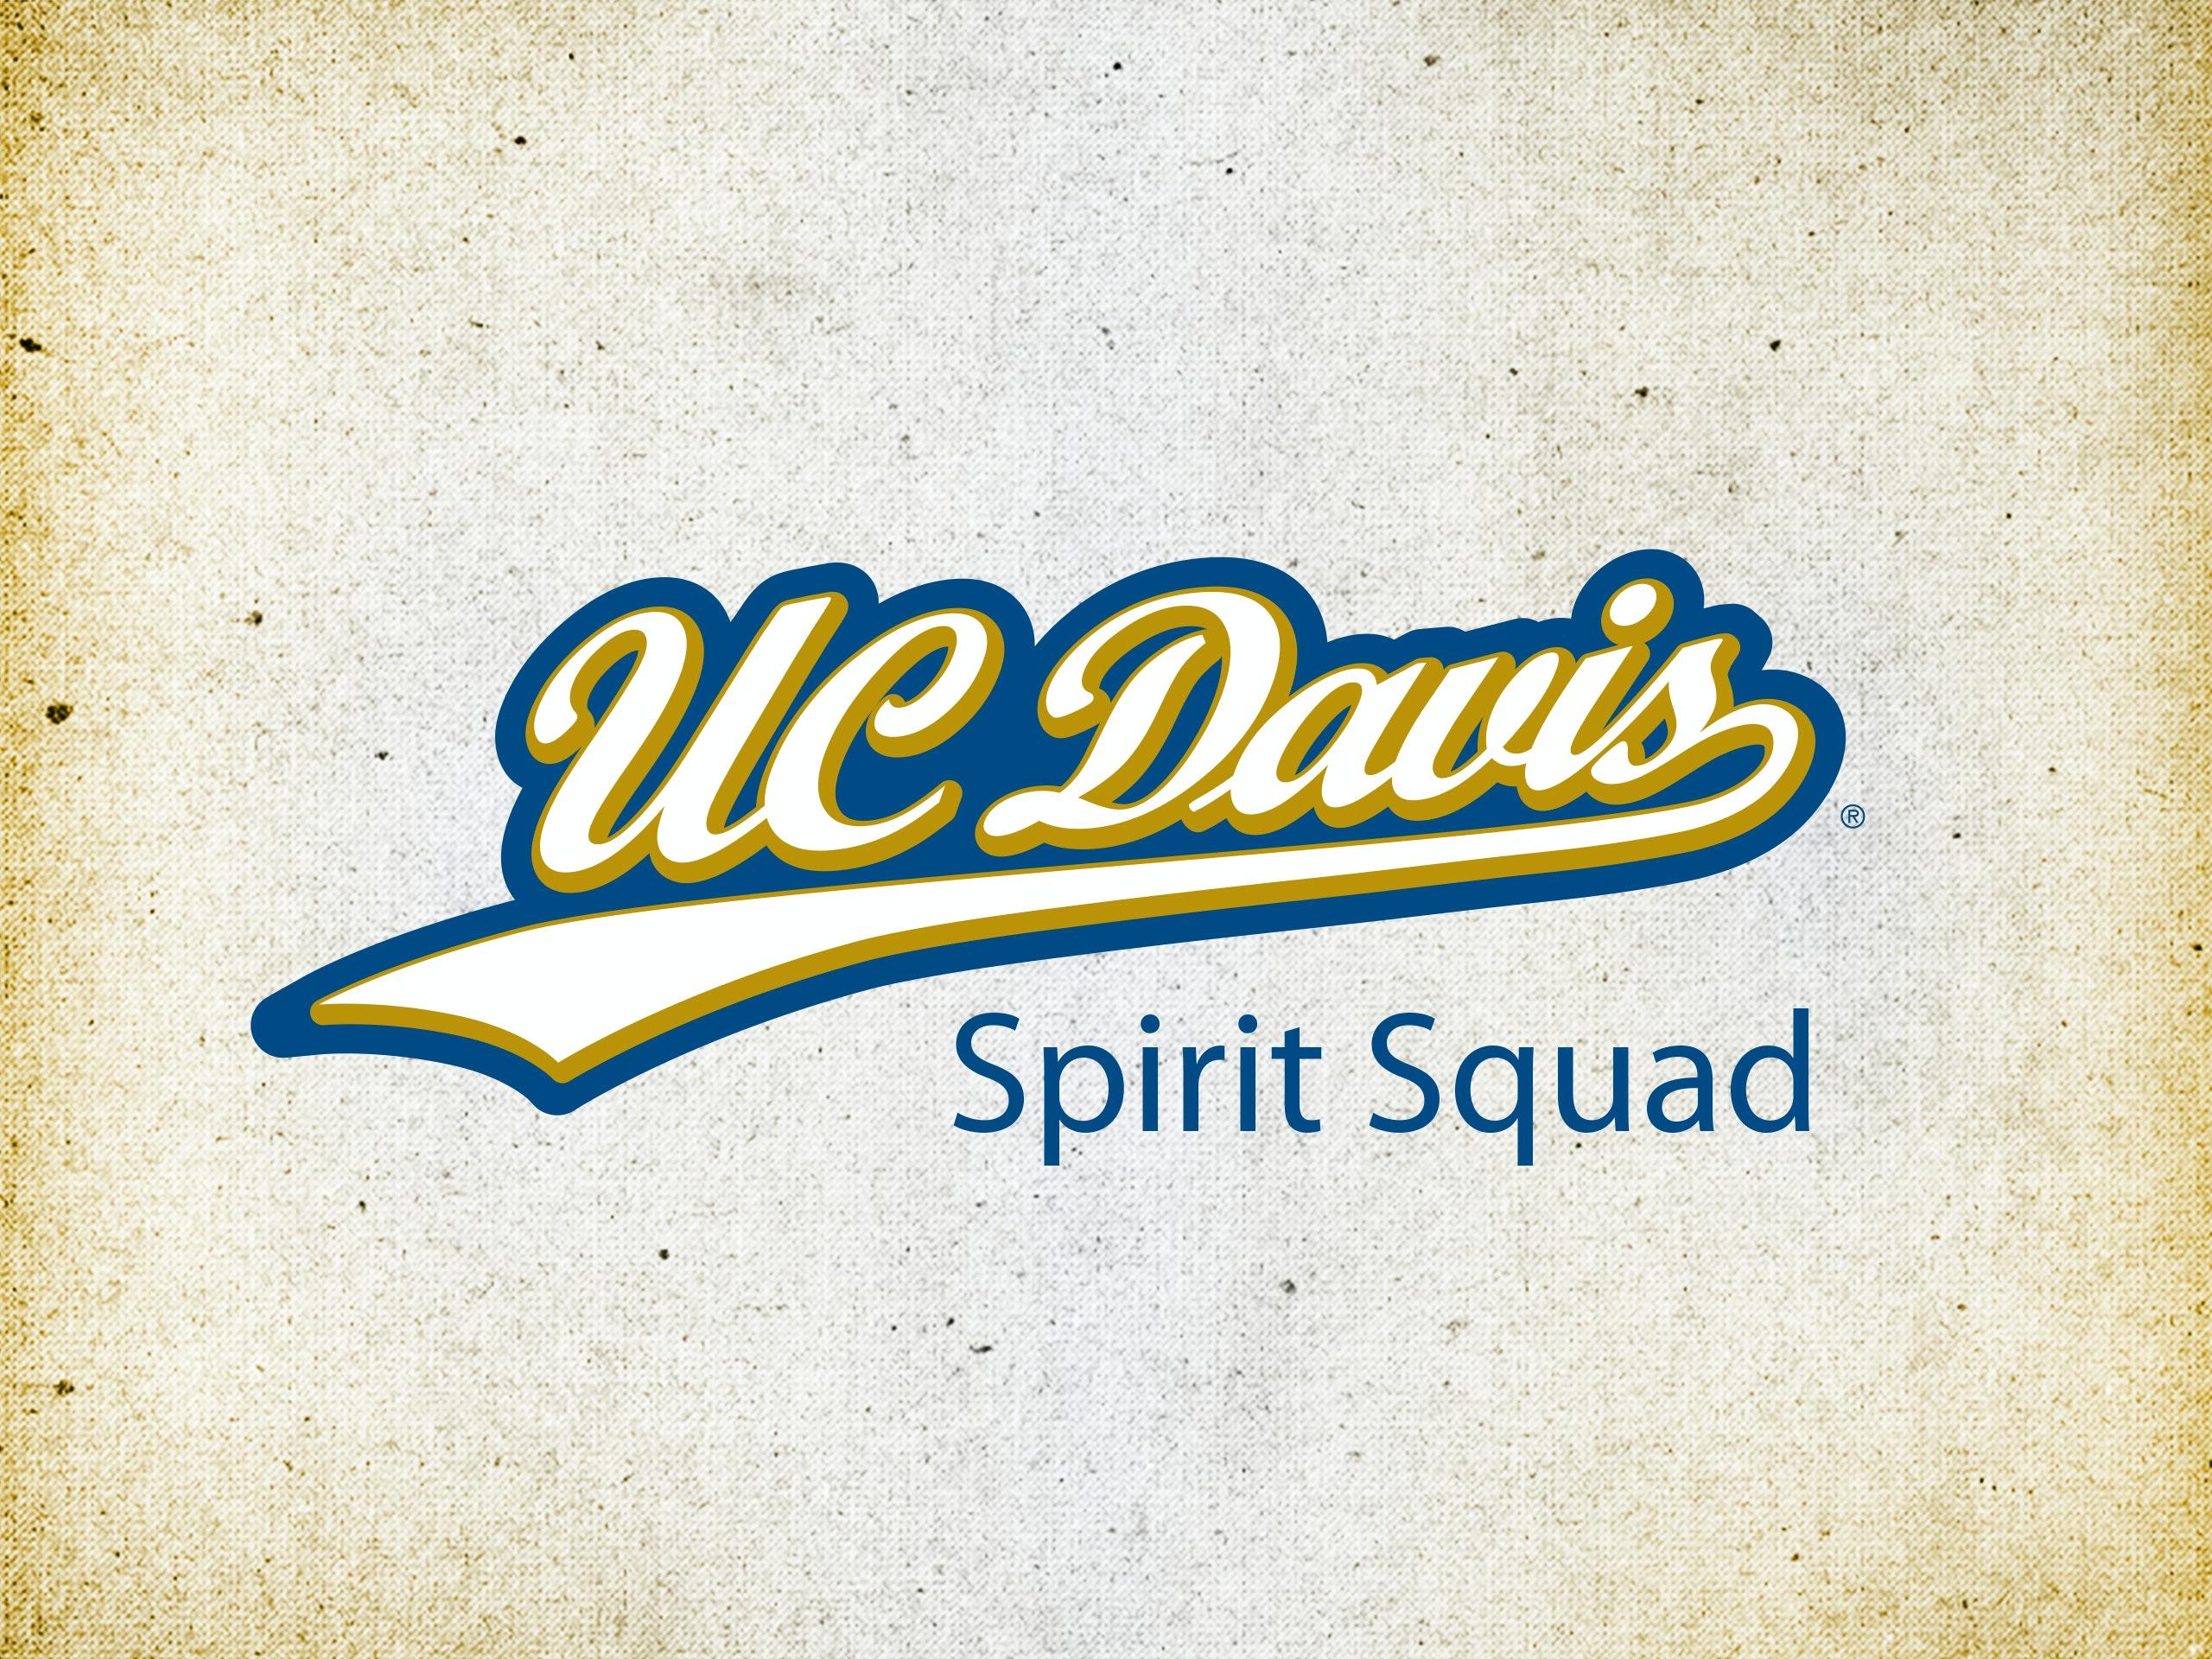 UC Davis Spirit Squad